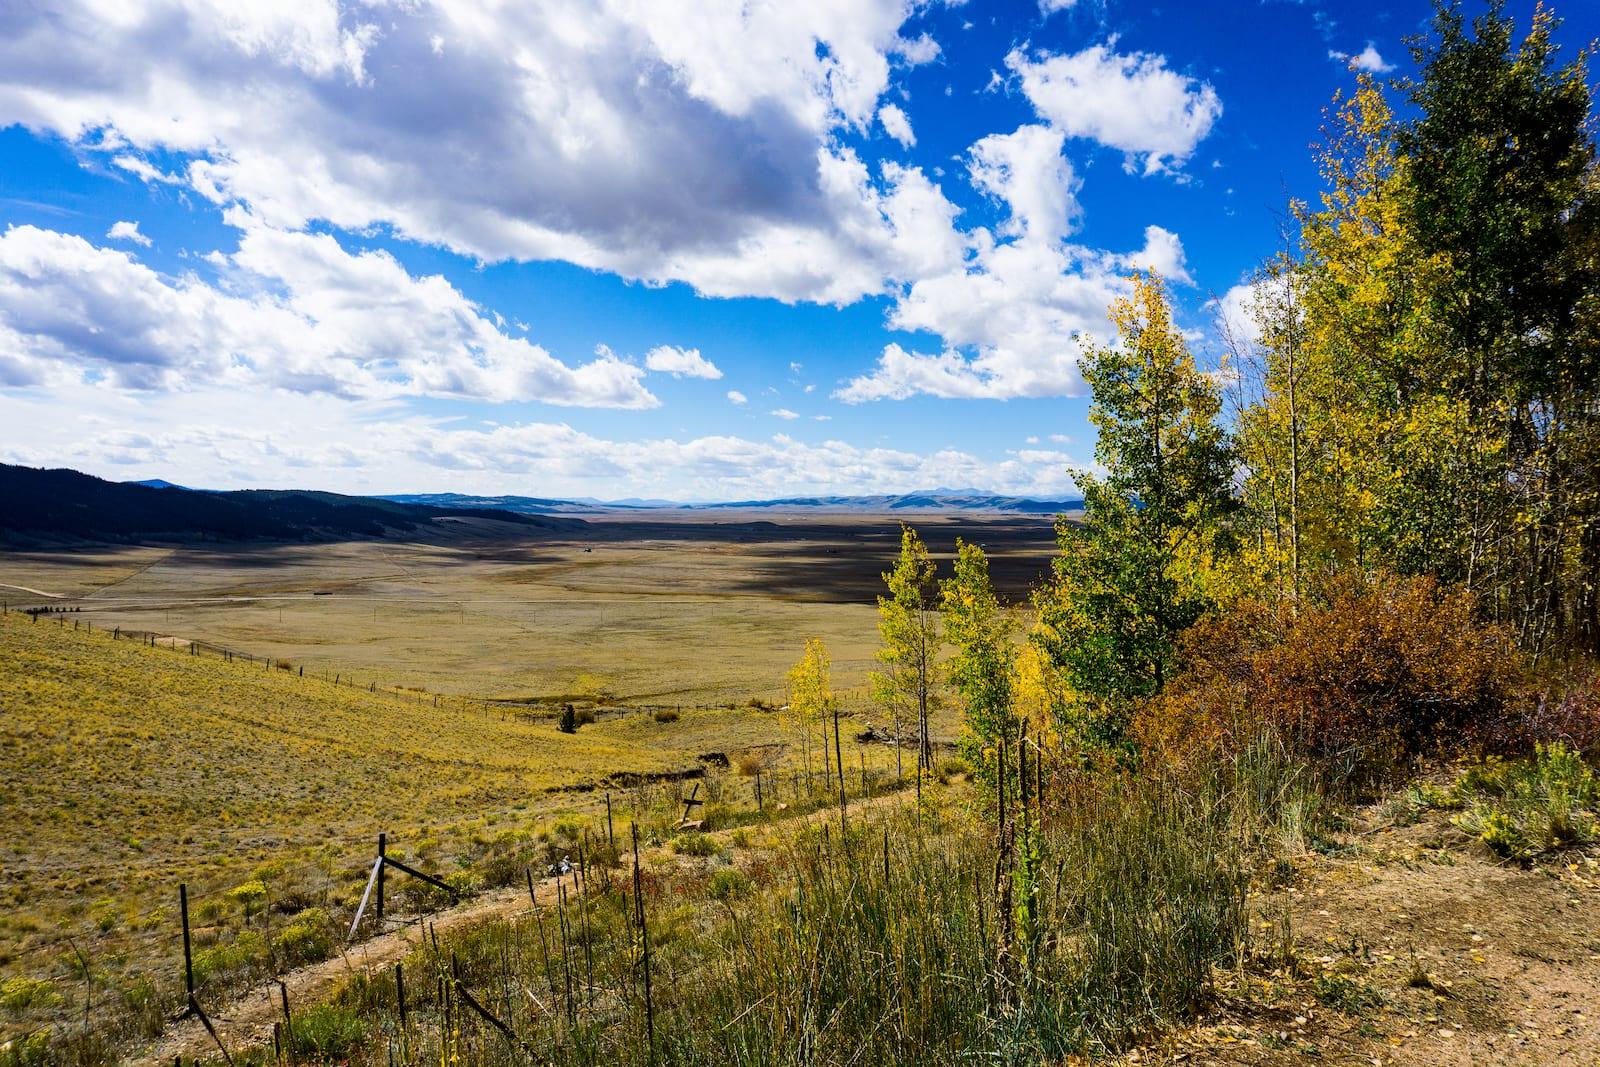 South Park Colorado Basin from Kenosha Pass